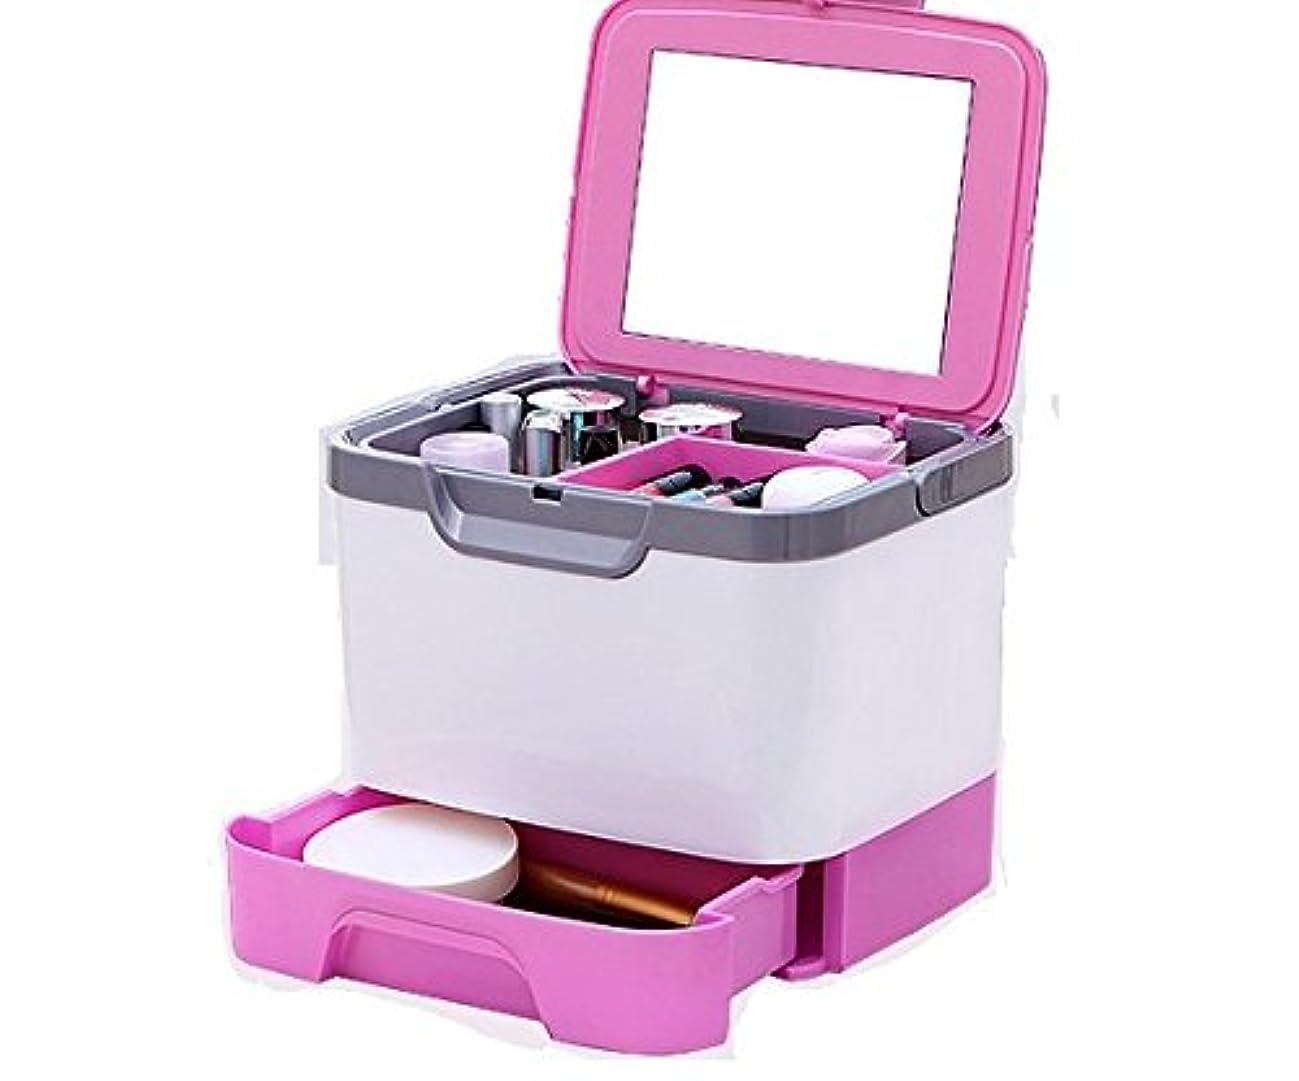 乱闘ミルクあそこメイクボックス 大容量 かわいい 鏡付き プロも納得 コスメの収納に (ピンク、ブルー、グリーン)